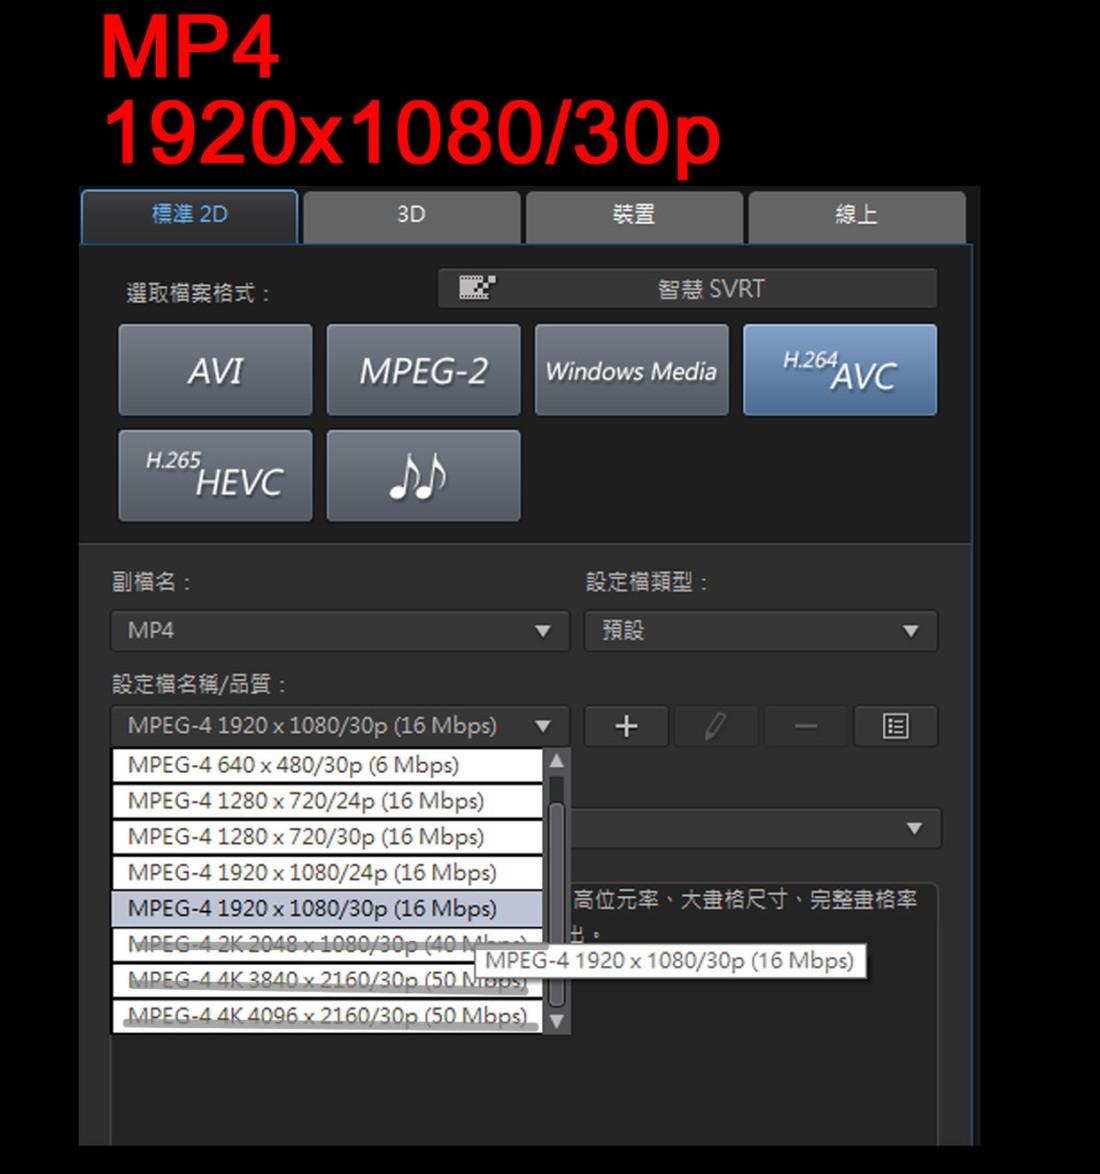 威力導演16 LE版 mp41920x1080/30p